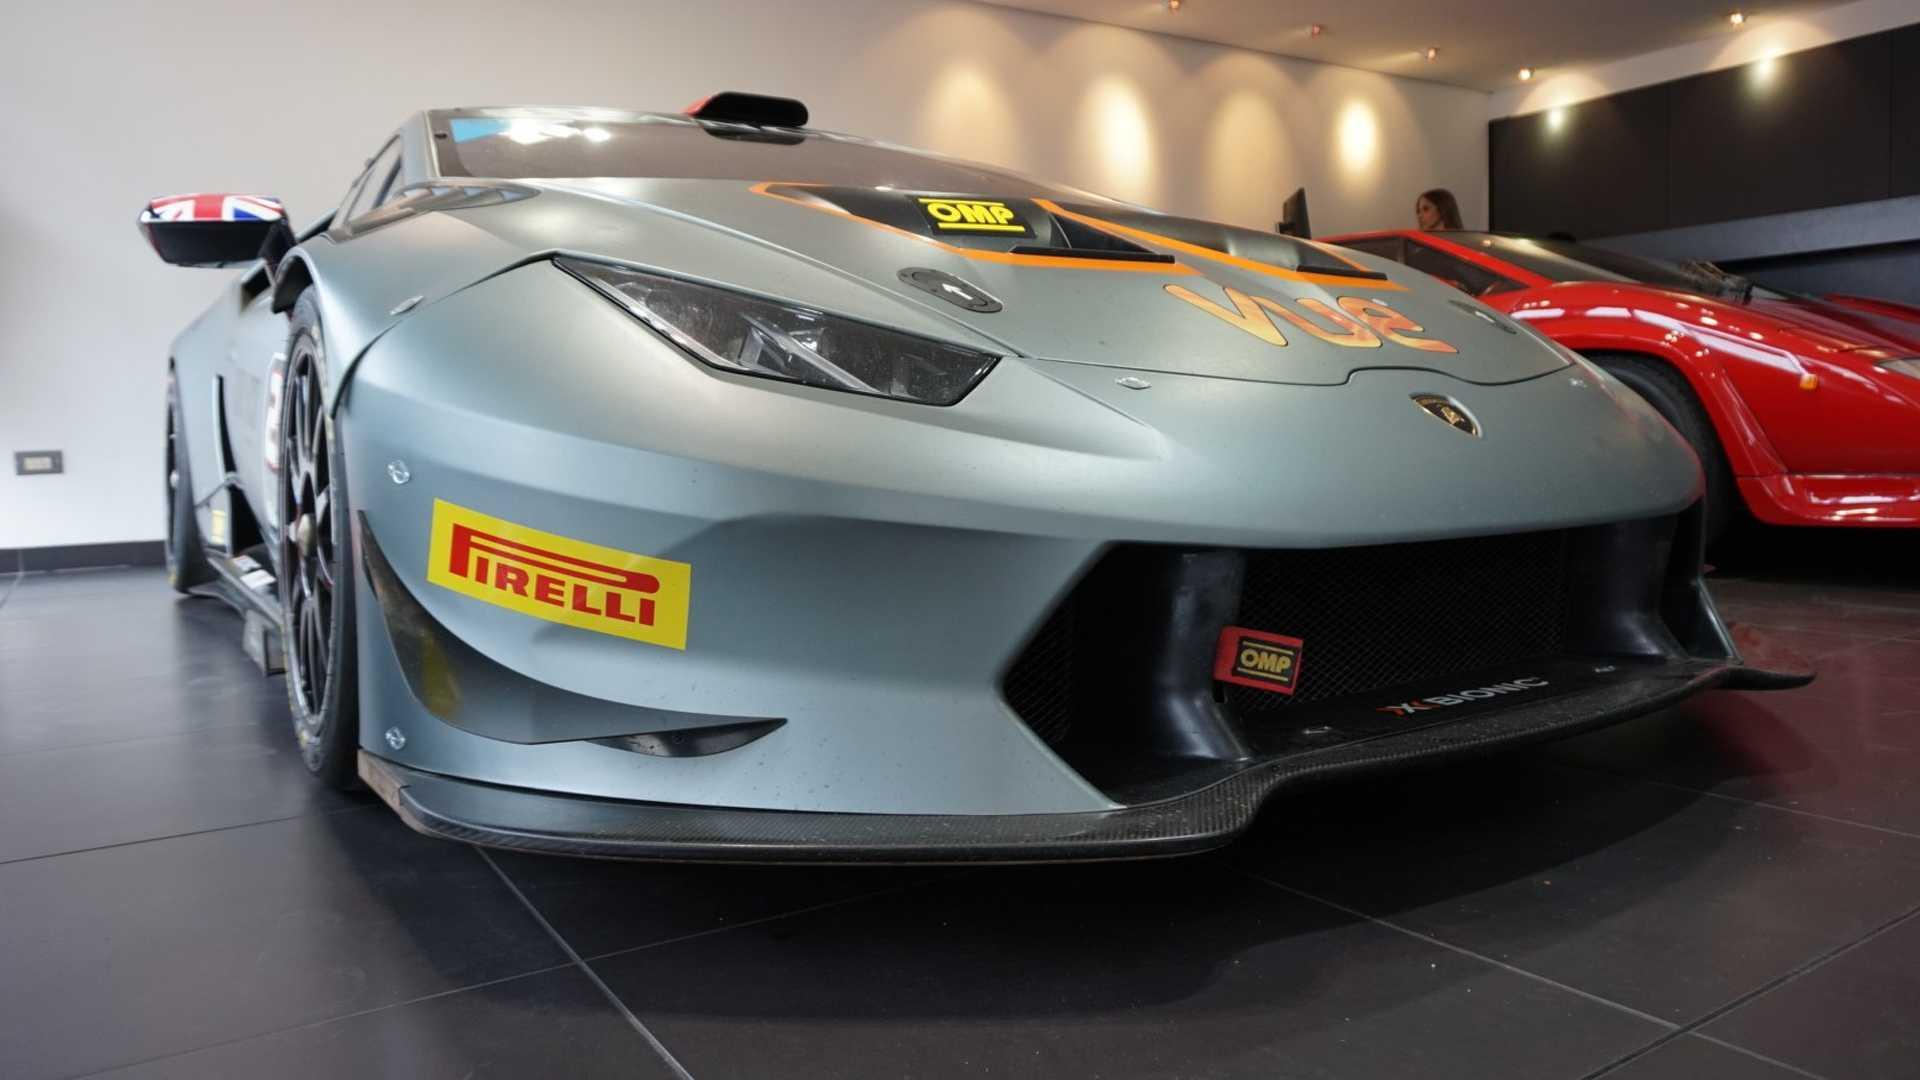 2016_Lamborghini_Huracan_Super_Trofeo_02